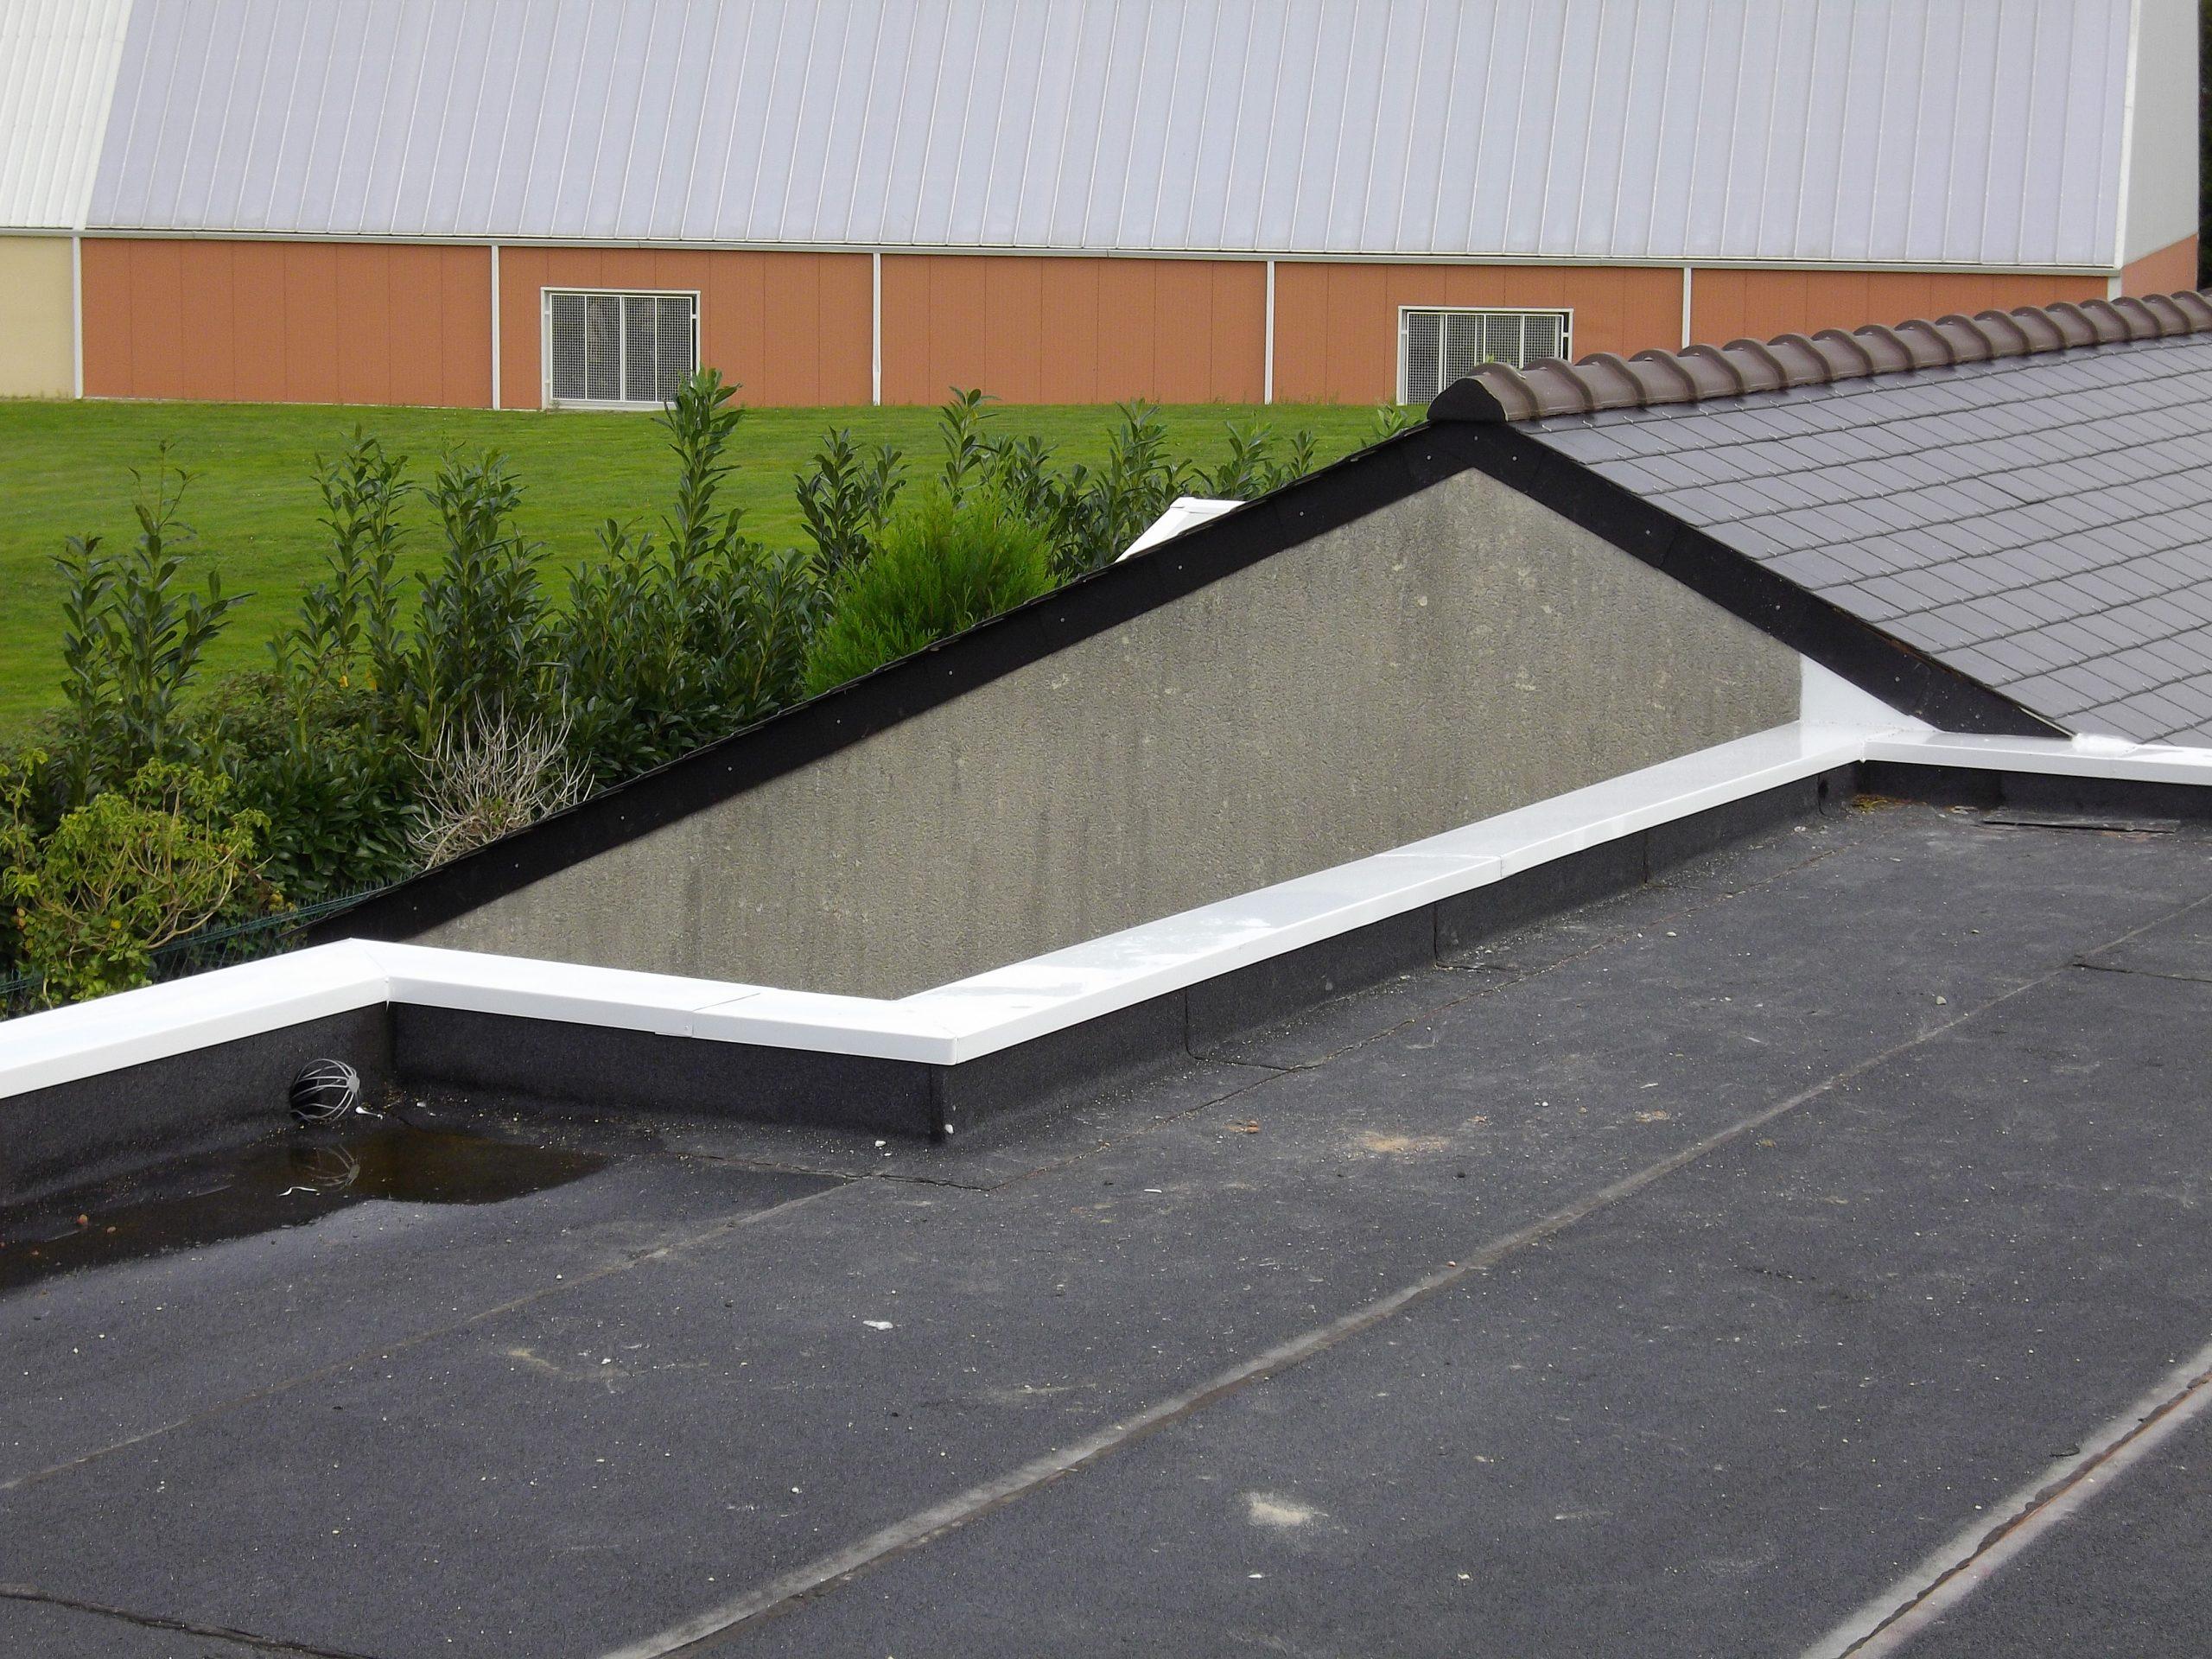 Acrotère Toit Plat - Couvertine Alu - Au Bac D'eau Nantes encequiconcerne Acrotere Bac Acier